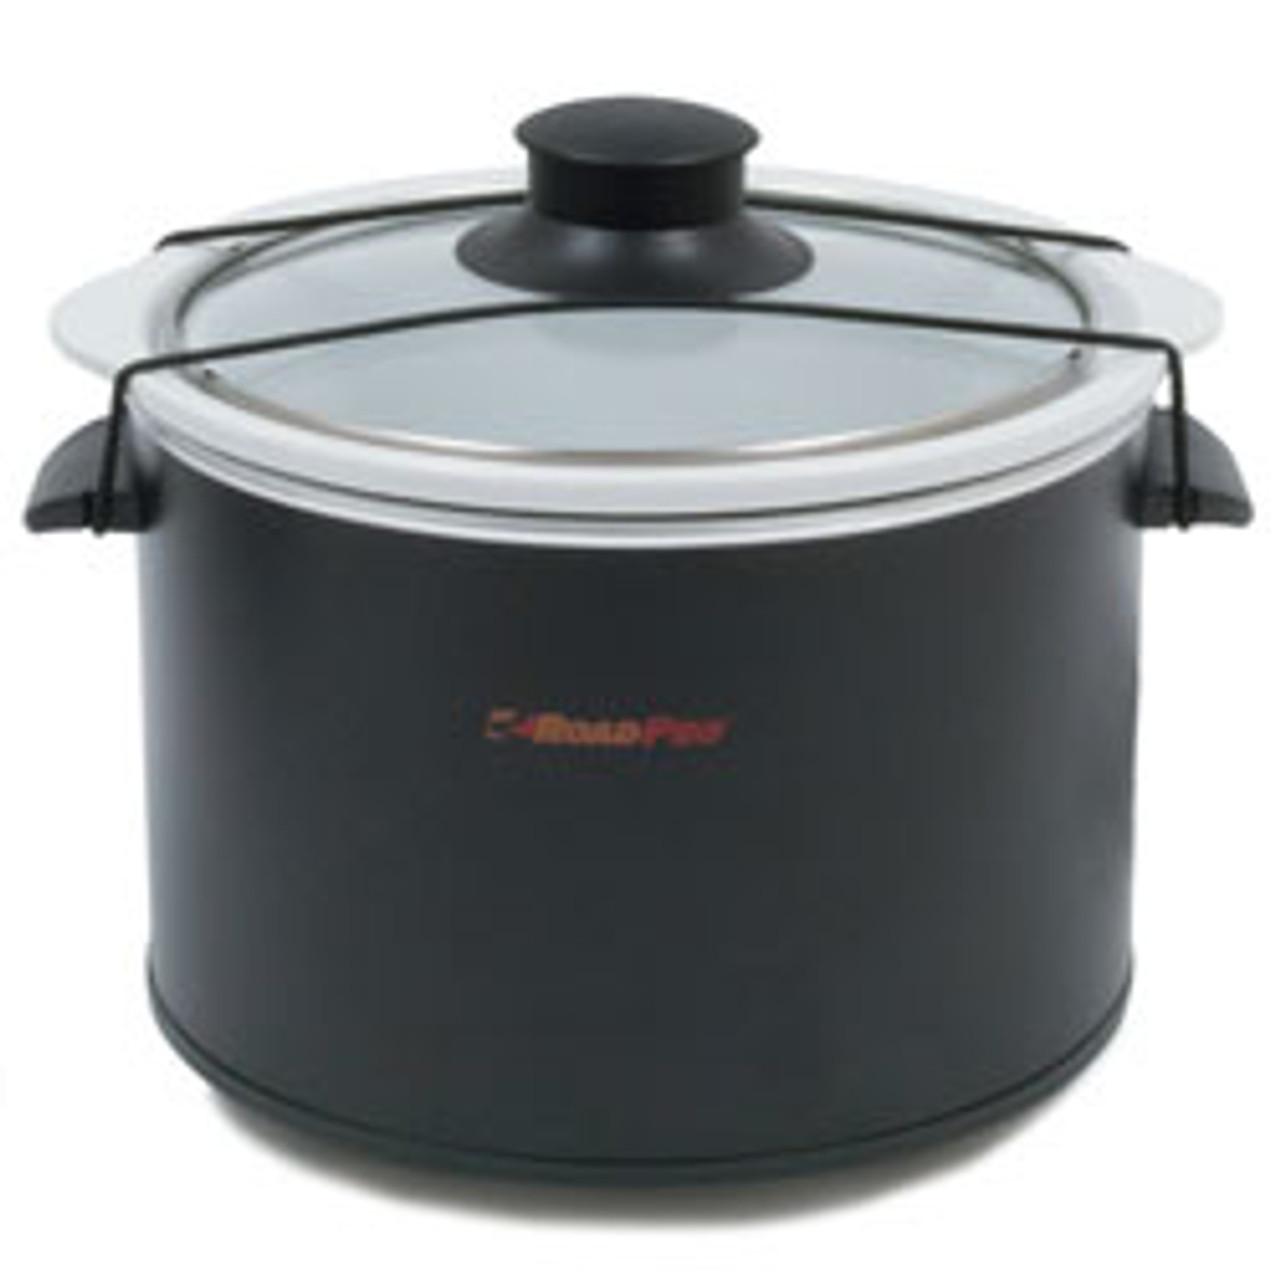 RoadPro(R) - 12-Volt 1.5 Quart Slow Cooker, Black